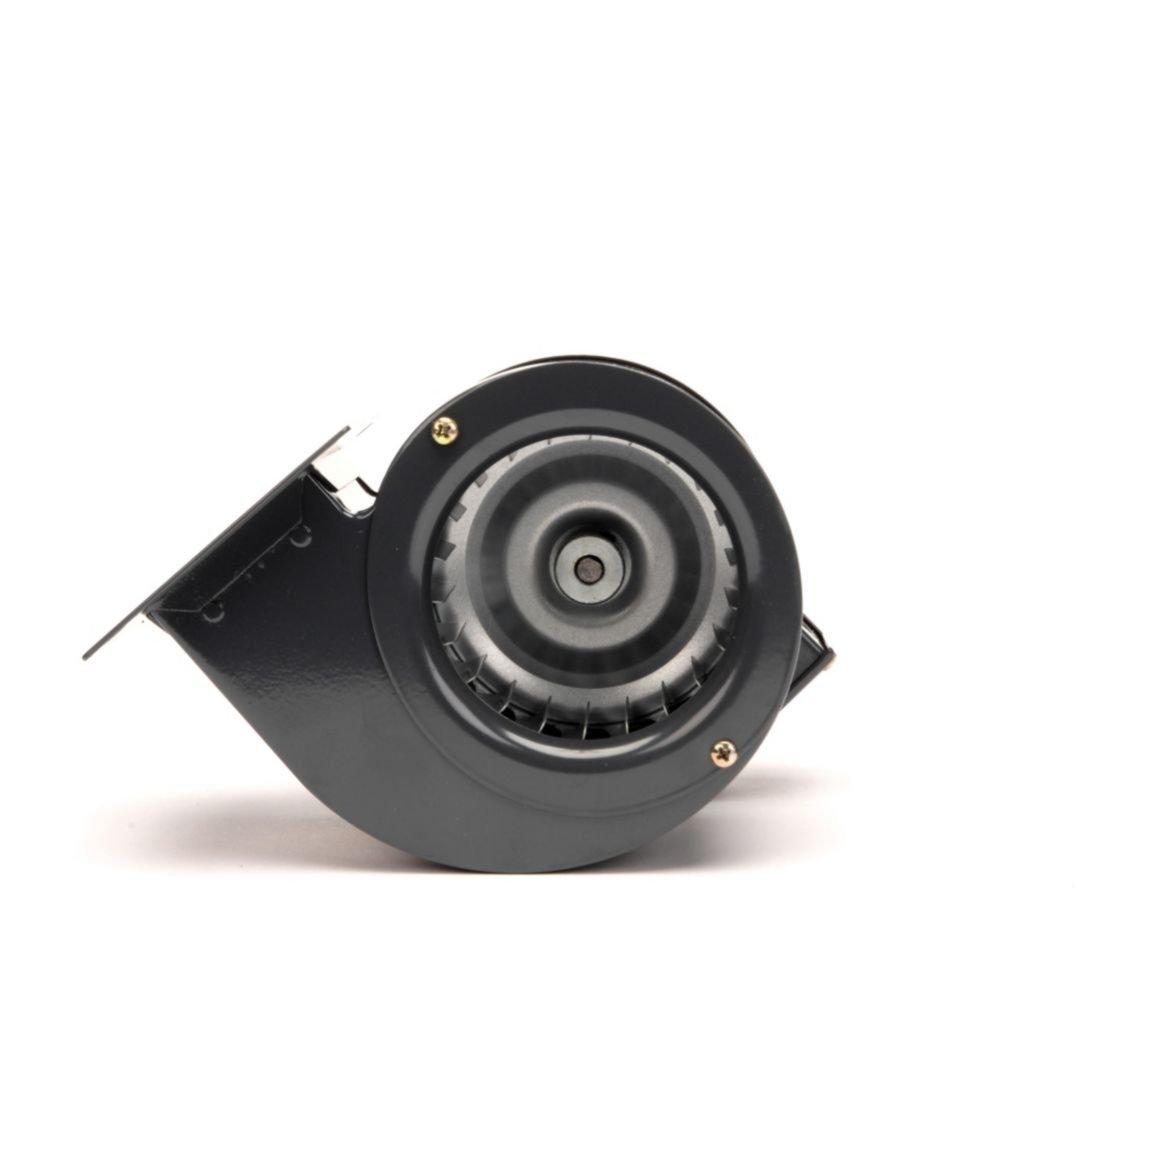 DAYTON 1TDP7 PSC Blower, Draft Fan, 115 Volt, 146 CFM (4C446, 4C005) Fasco A166